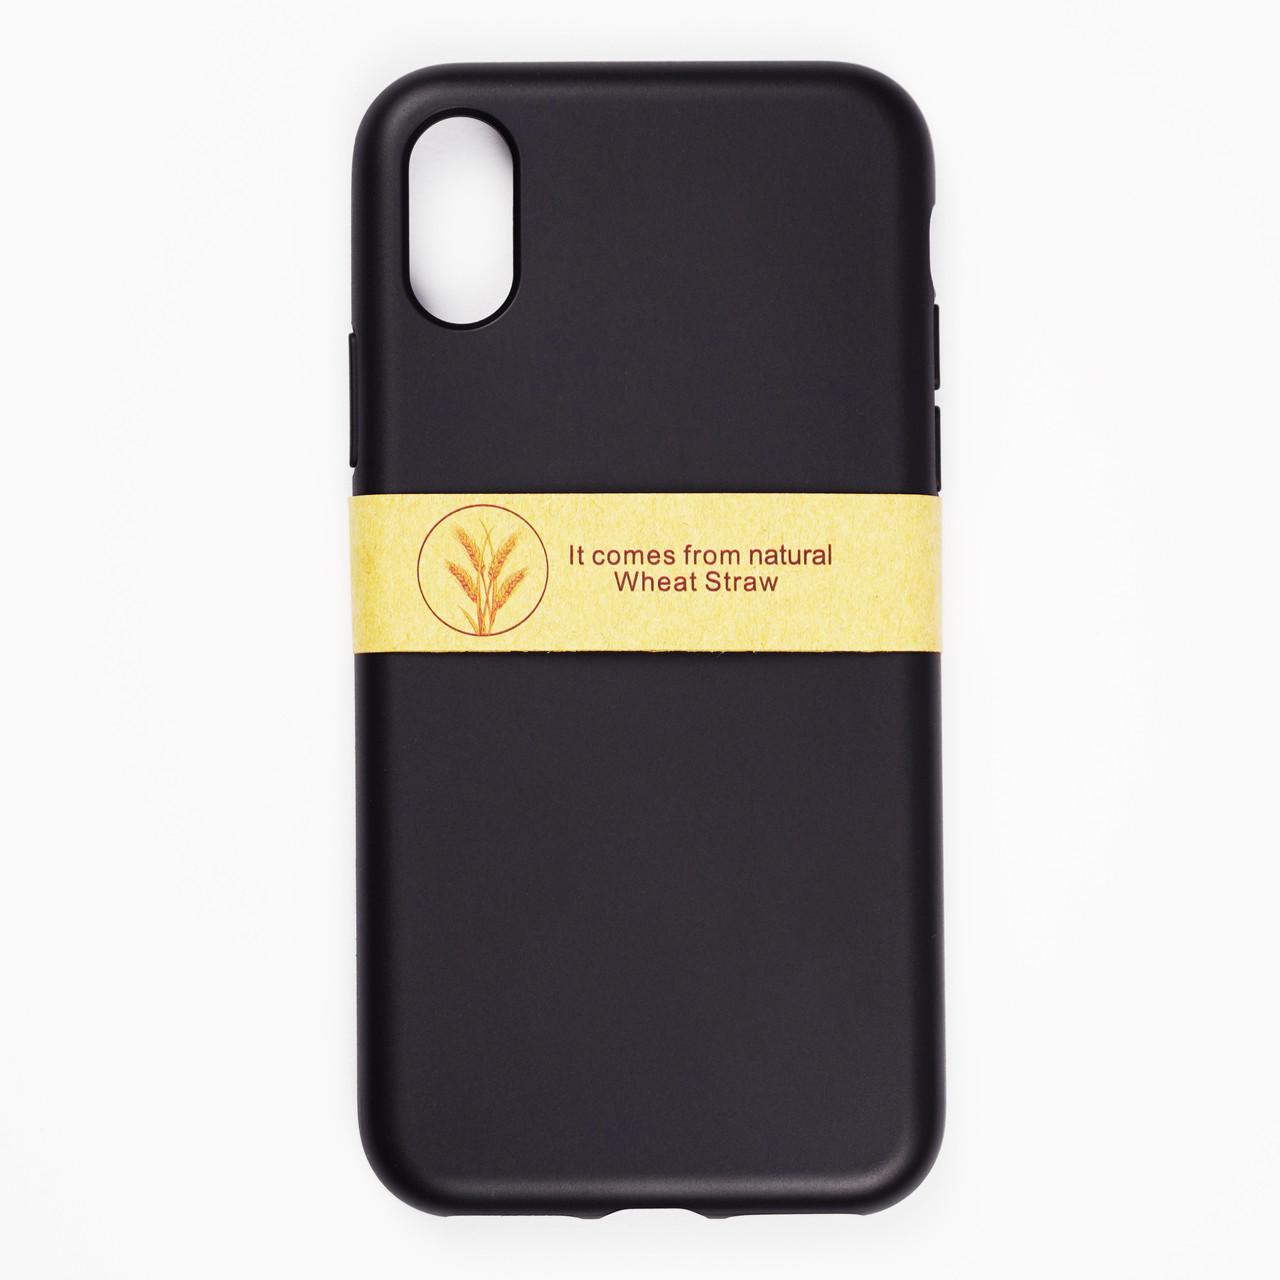 Биоразлагаемый чехол ECO Wheat Straw для iPhone X / Xs Black